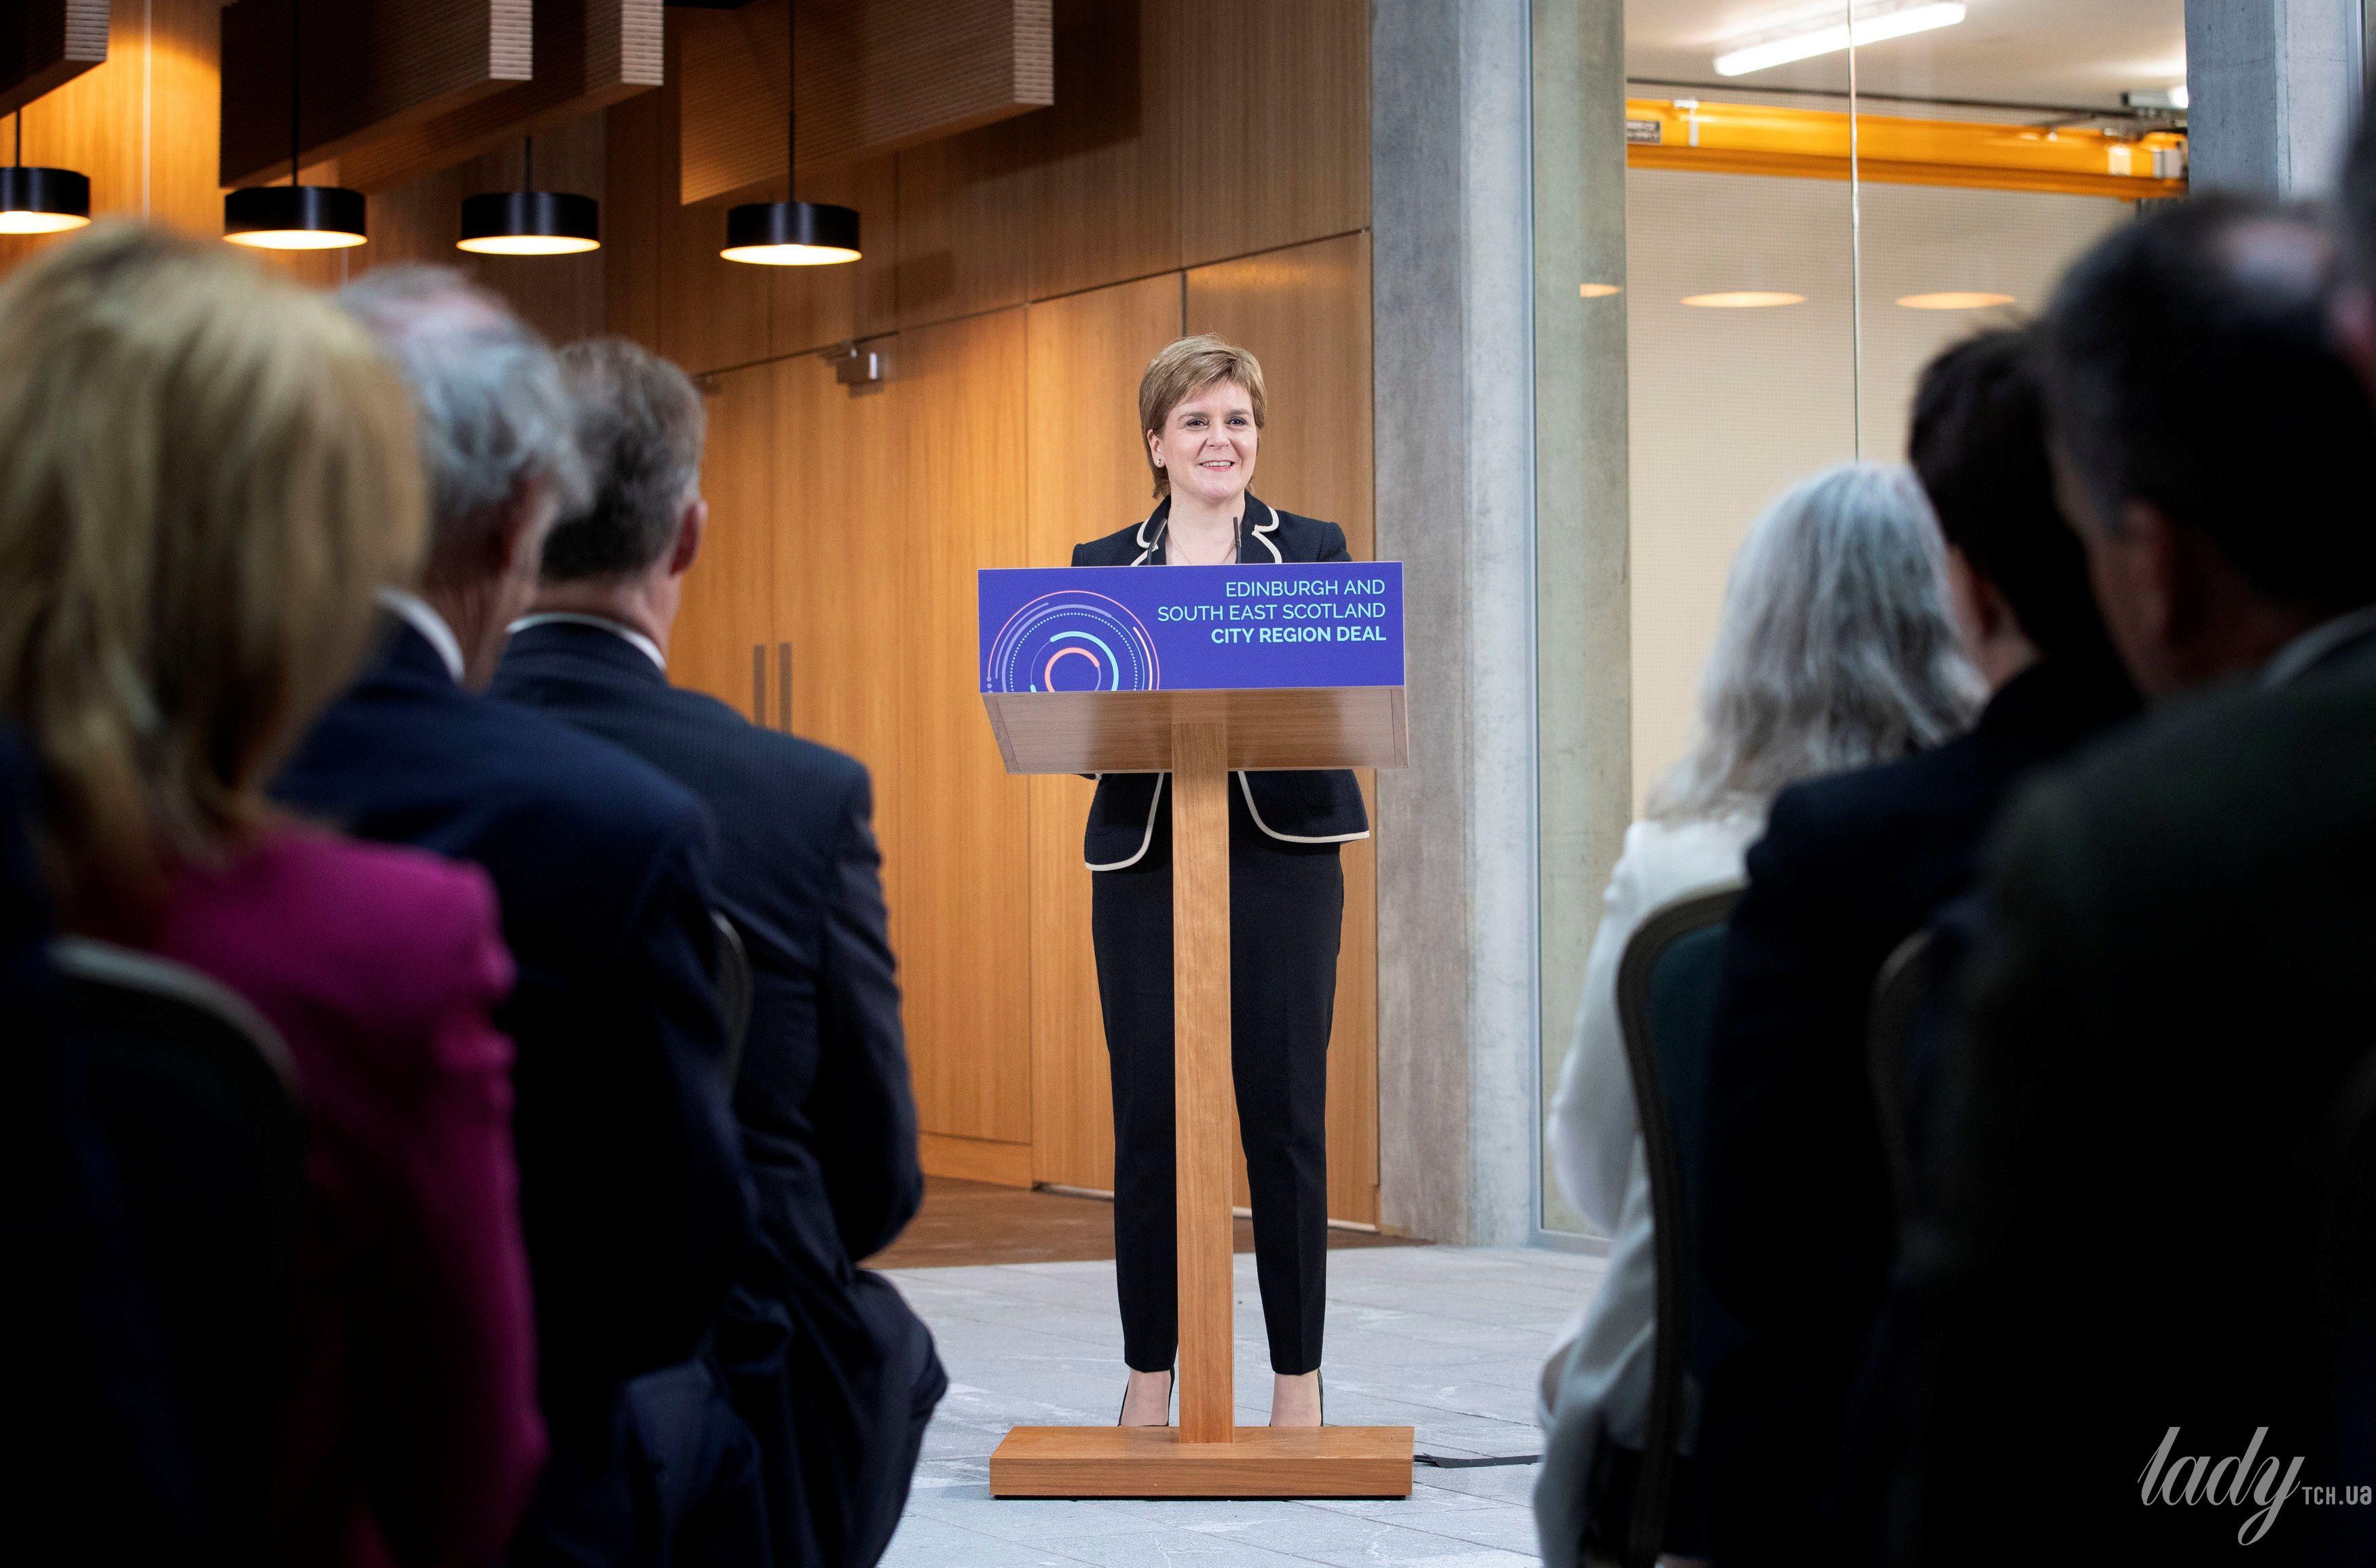 Первый министр Шотландии Никола Стерджен_4